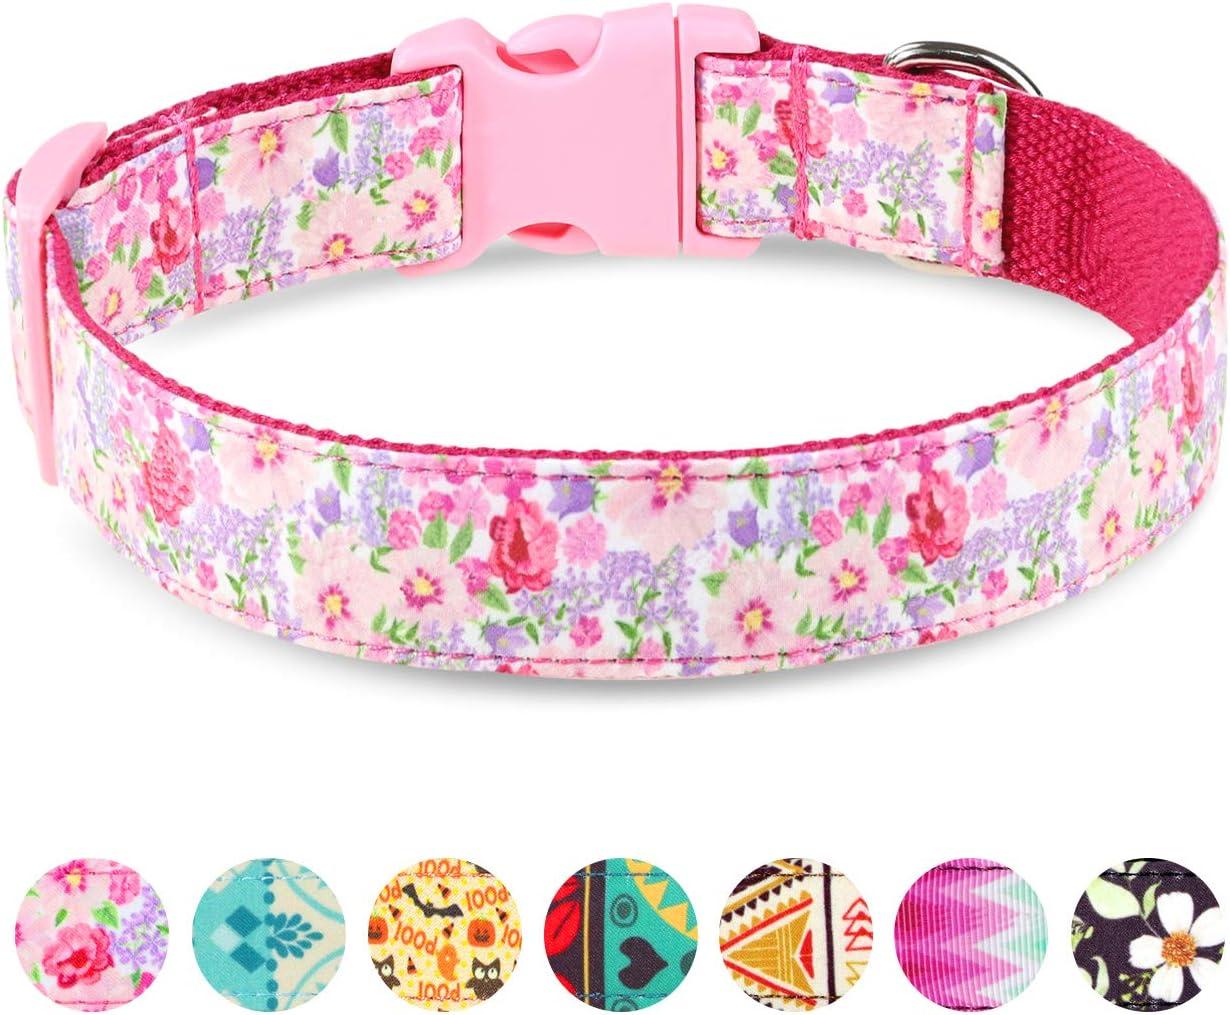 Taglory Collar Perro Ajustable,Estilo Único Collar Adiestramiento para Perros Medianos,35-50cm Flor Rosa